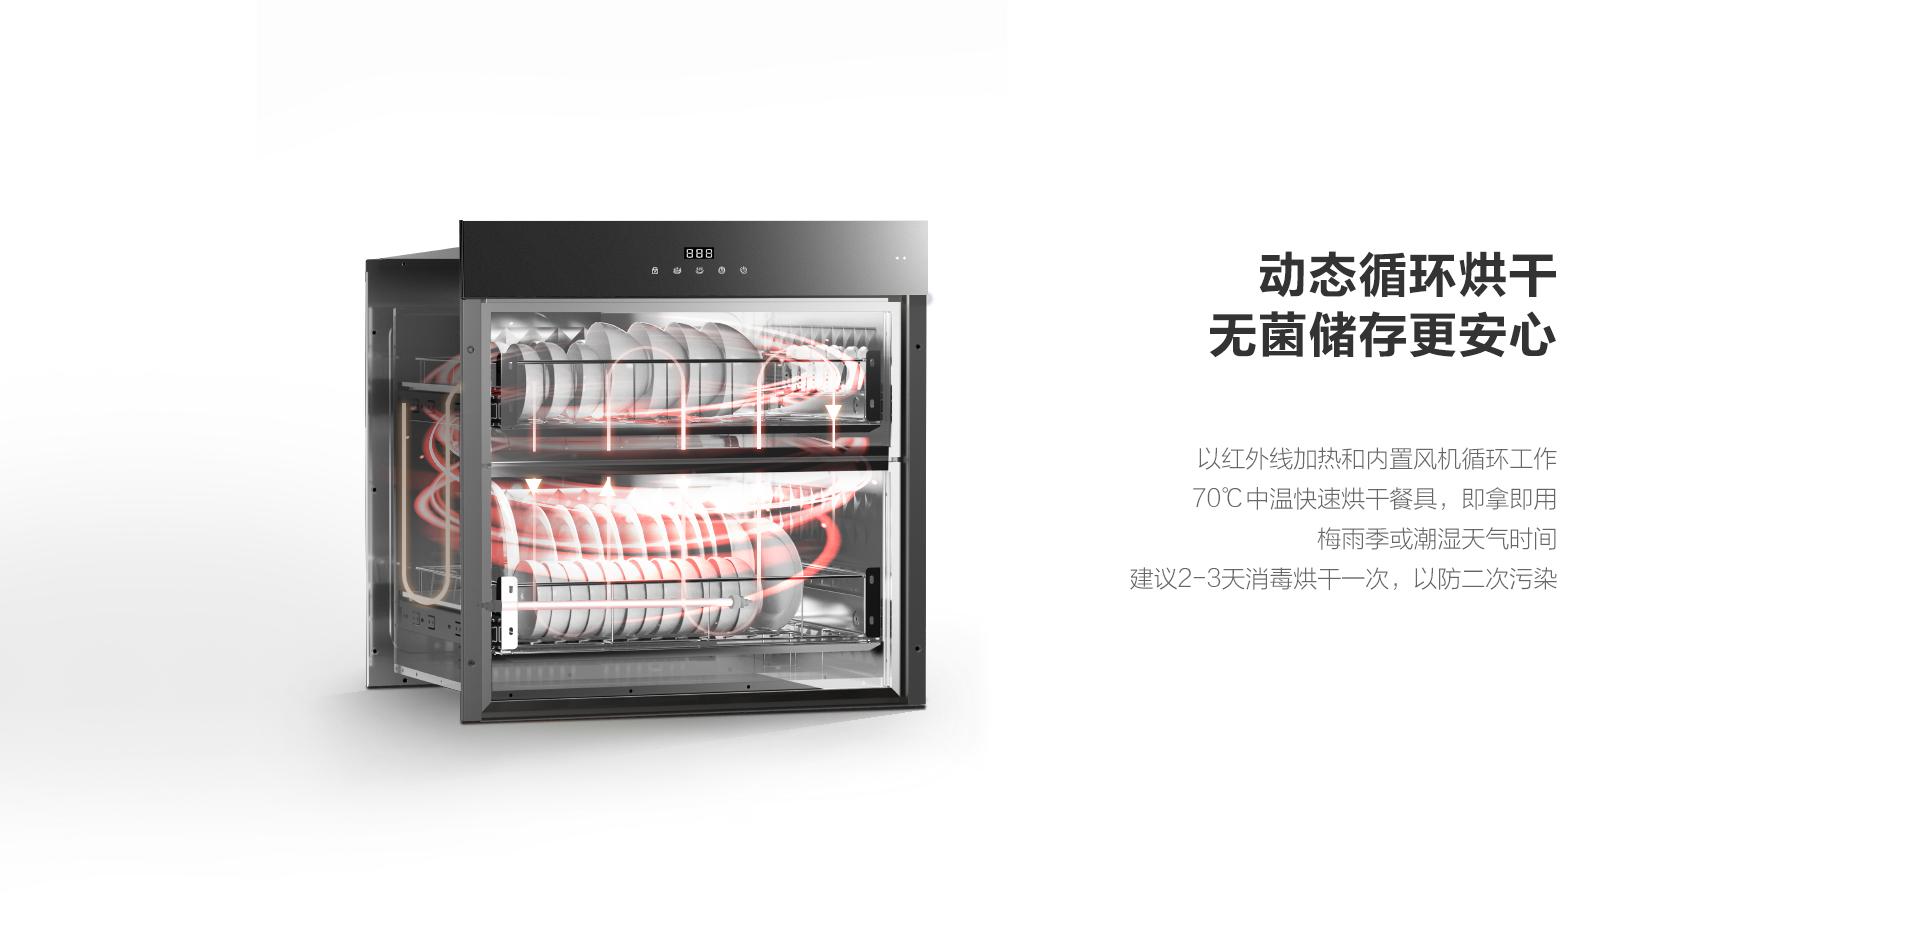 XB606消毒柜-上新-PC端-210719_03.png